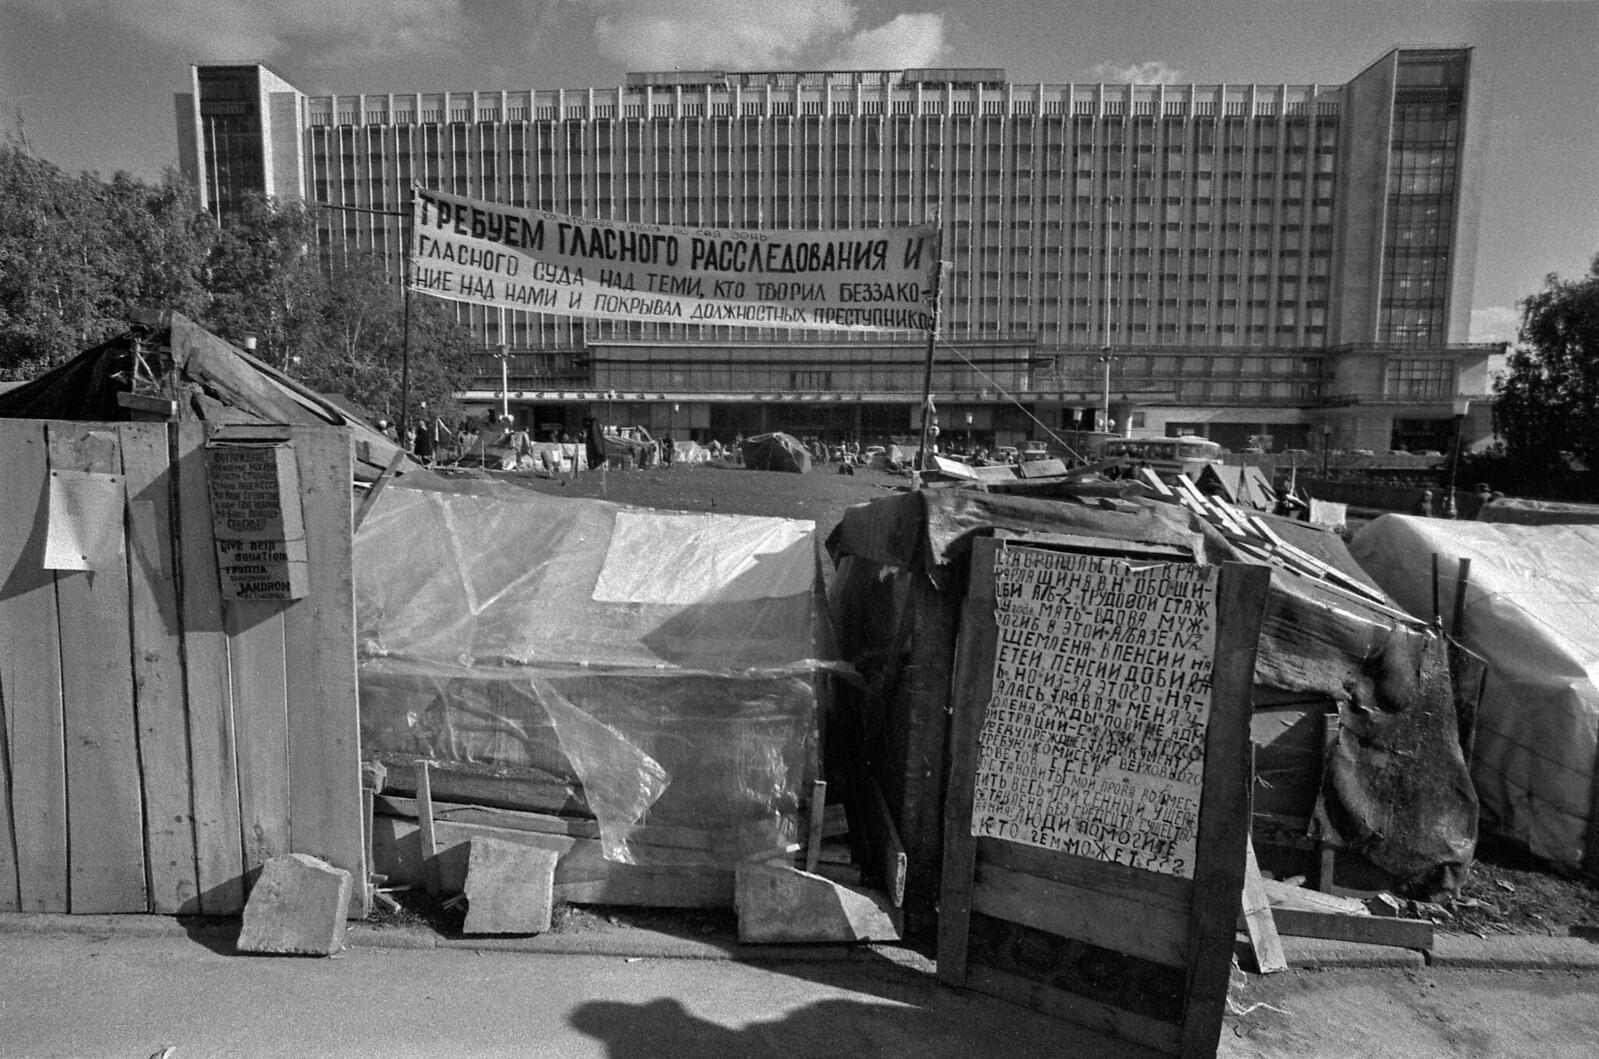 1989. Васильевский спуск, Палаточный городок (9)